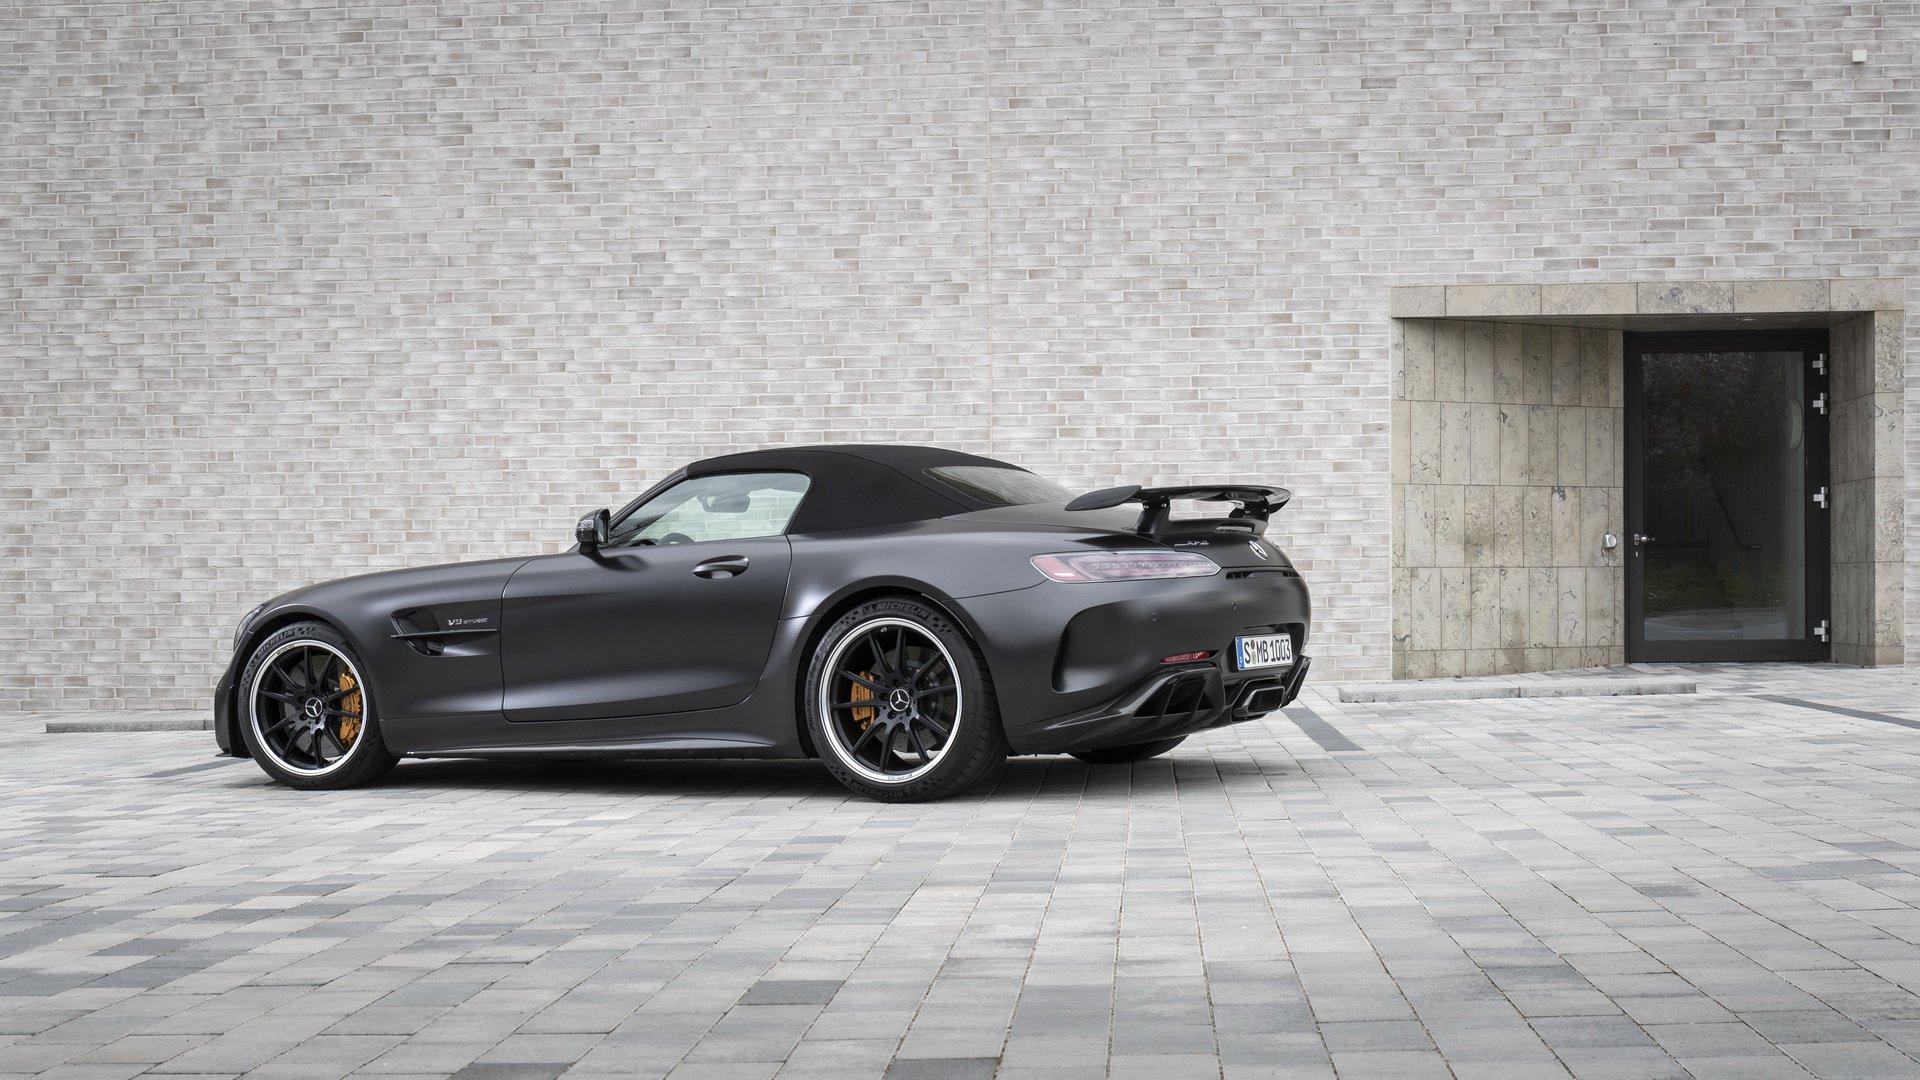 梅赛德斯-AMG GT R软顶敞篷跑车 豪华标杆